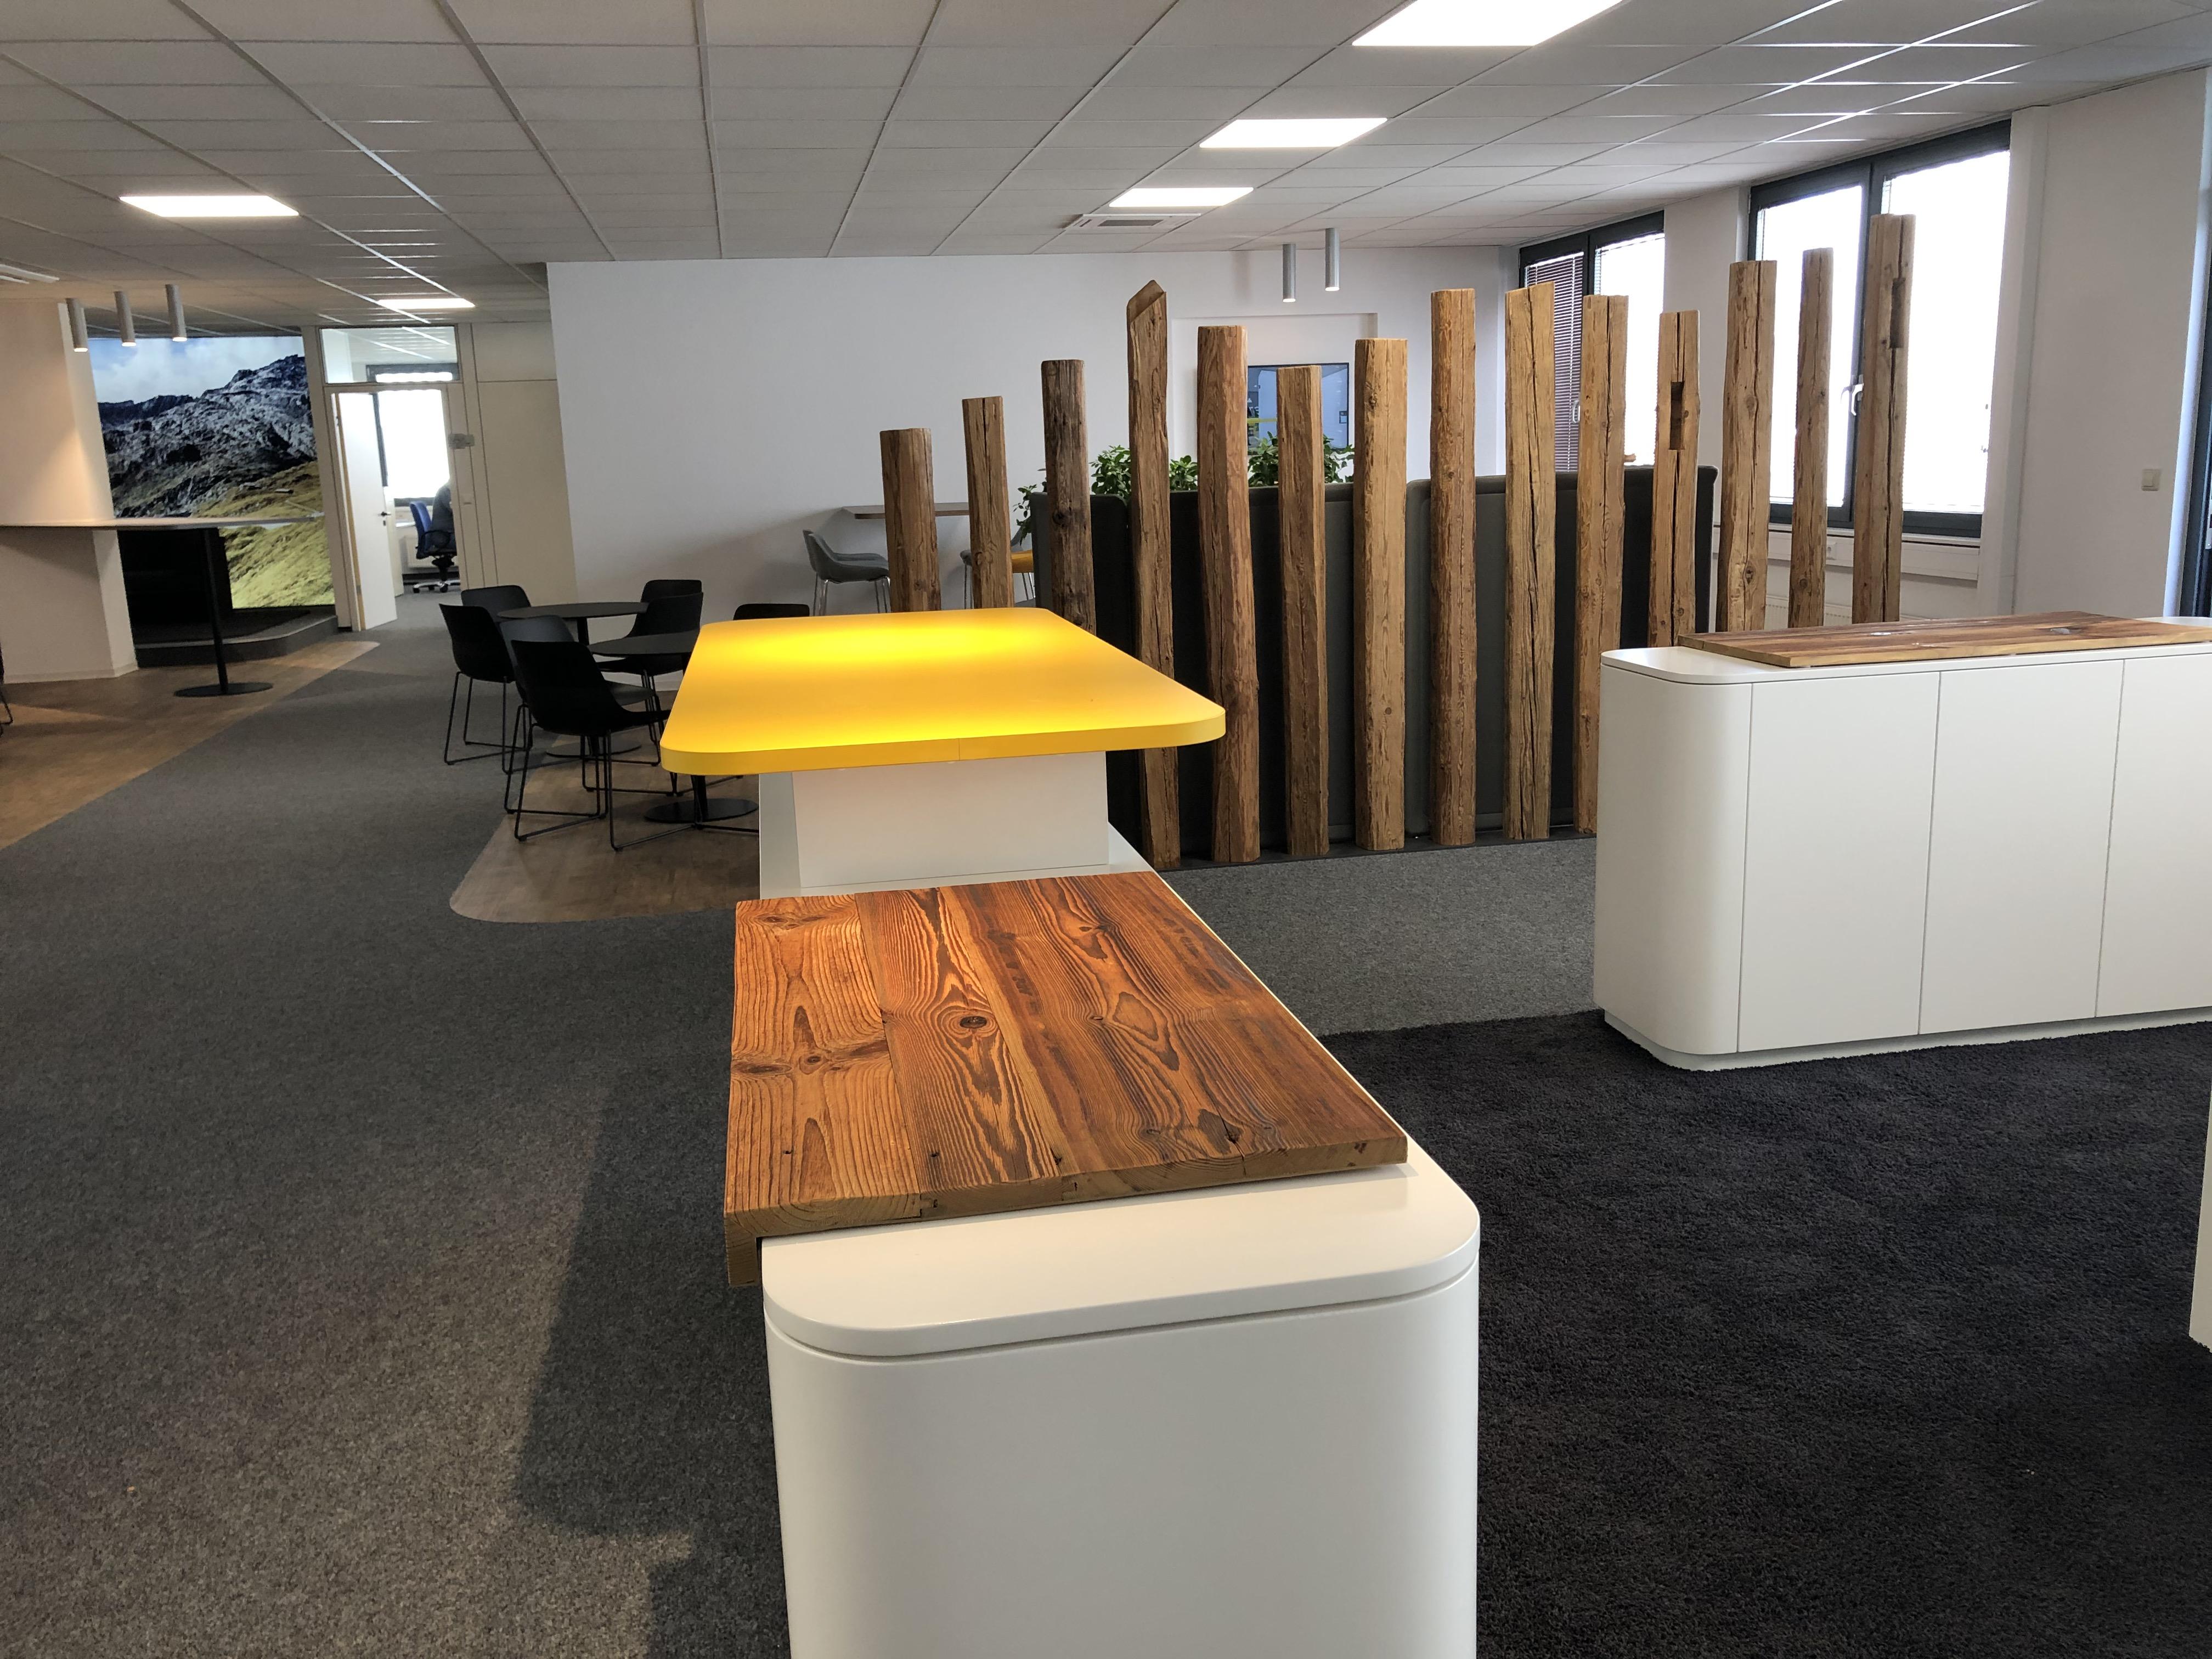 News Foto  Lounge 8 - Gepflegt chillen und arbeiten: Innovabee weiht neue Lounge ein